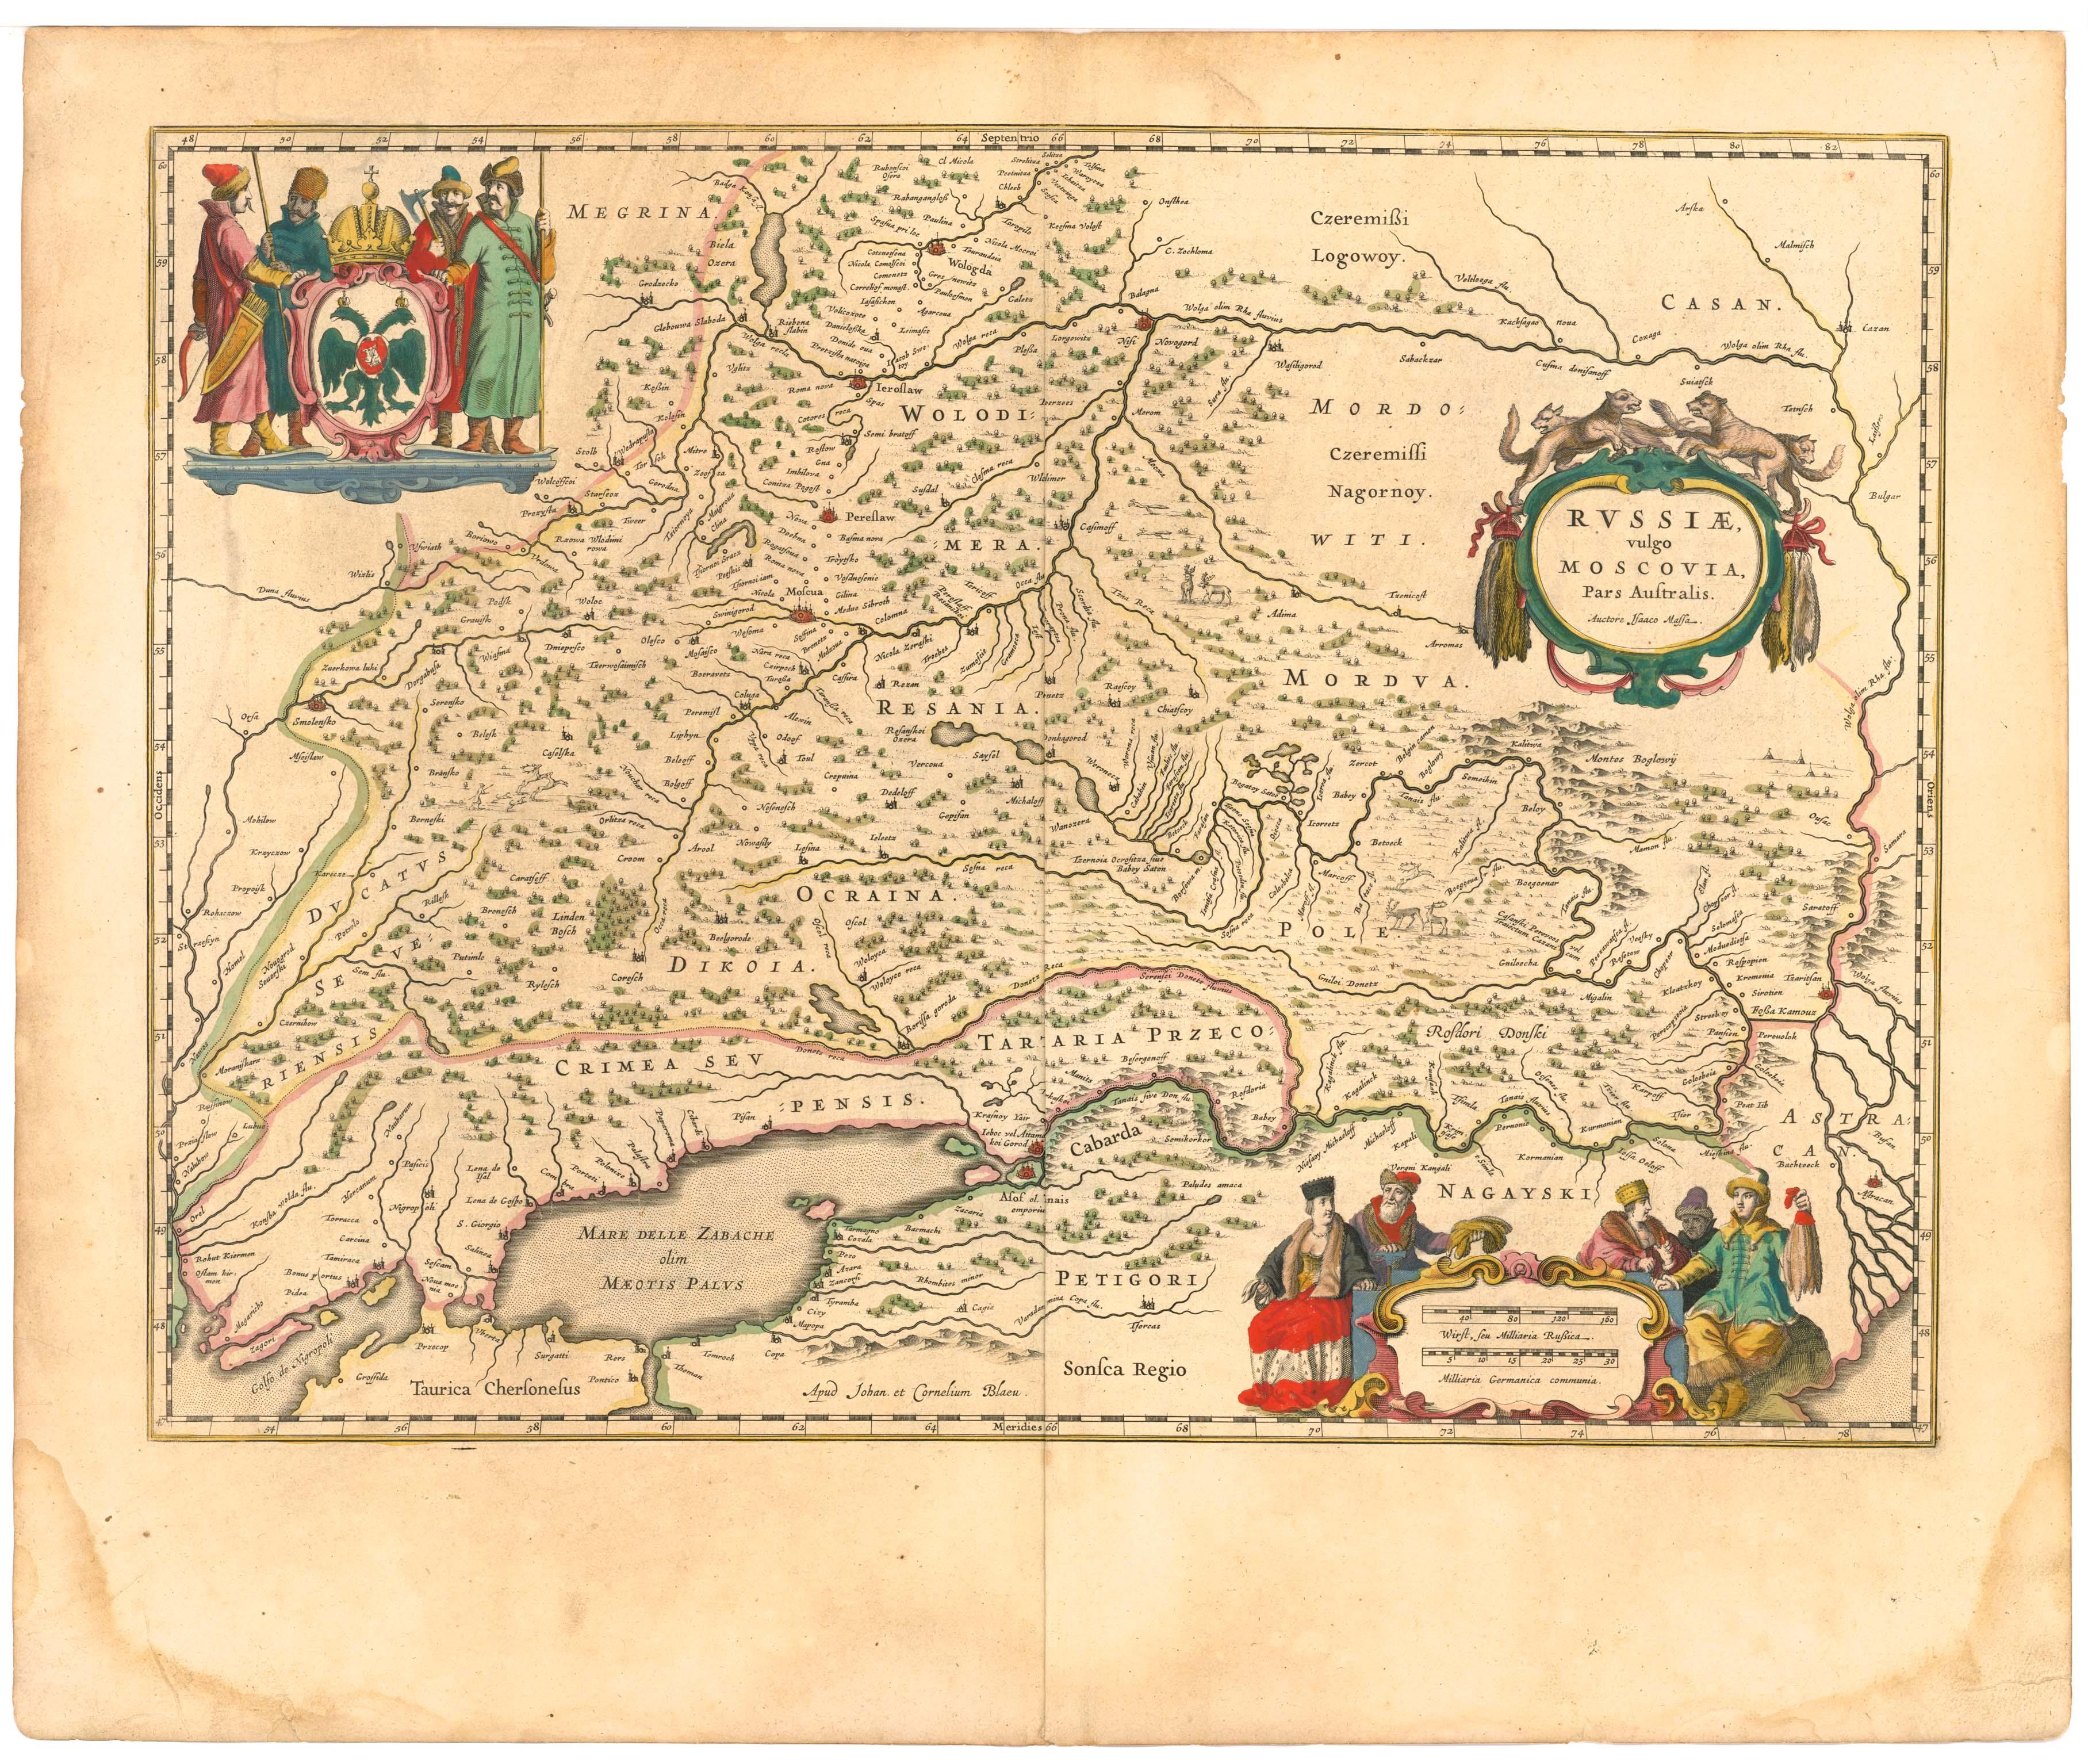 1641изданная в 1641 г. в Амстердаме Russia, vulgo Moscovia. В переводе это означает Руссия, в просторечии Московия